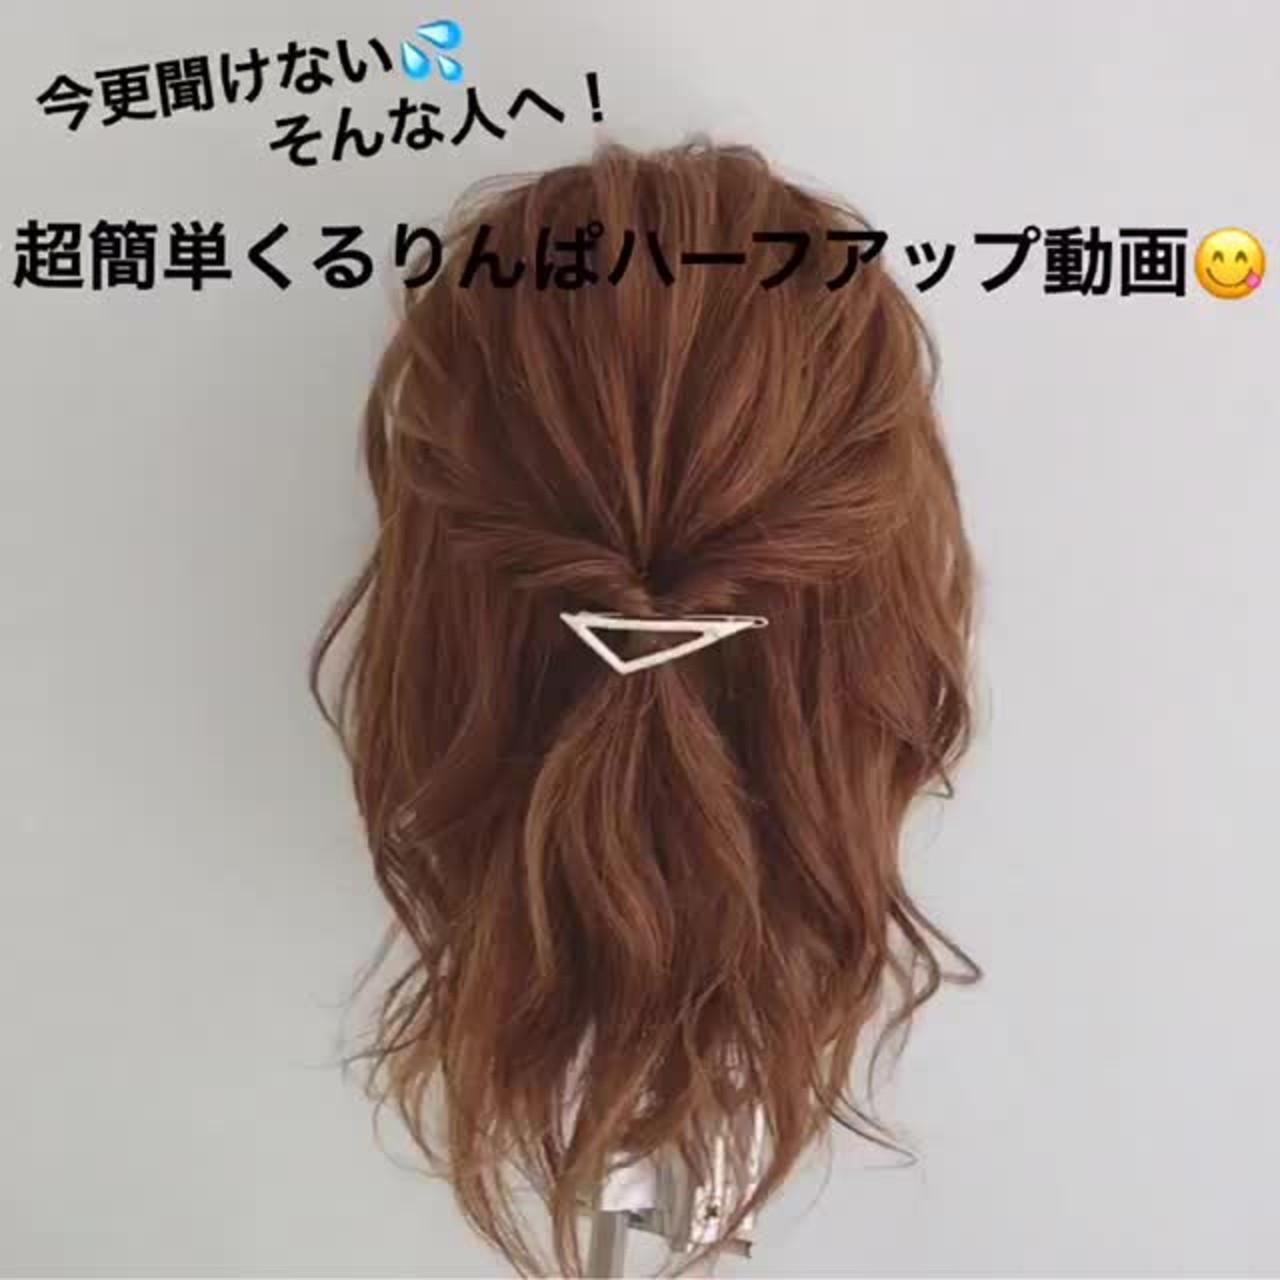 時短でできる簡単まとめ髪ヘアアレンジ♪ 新谷 朋宏